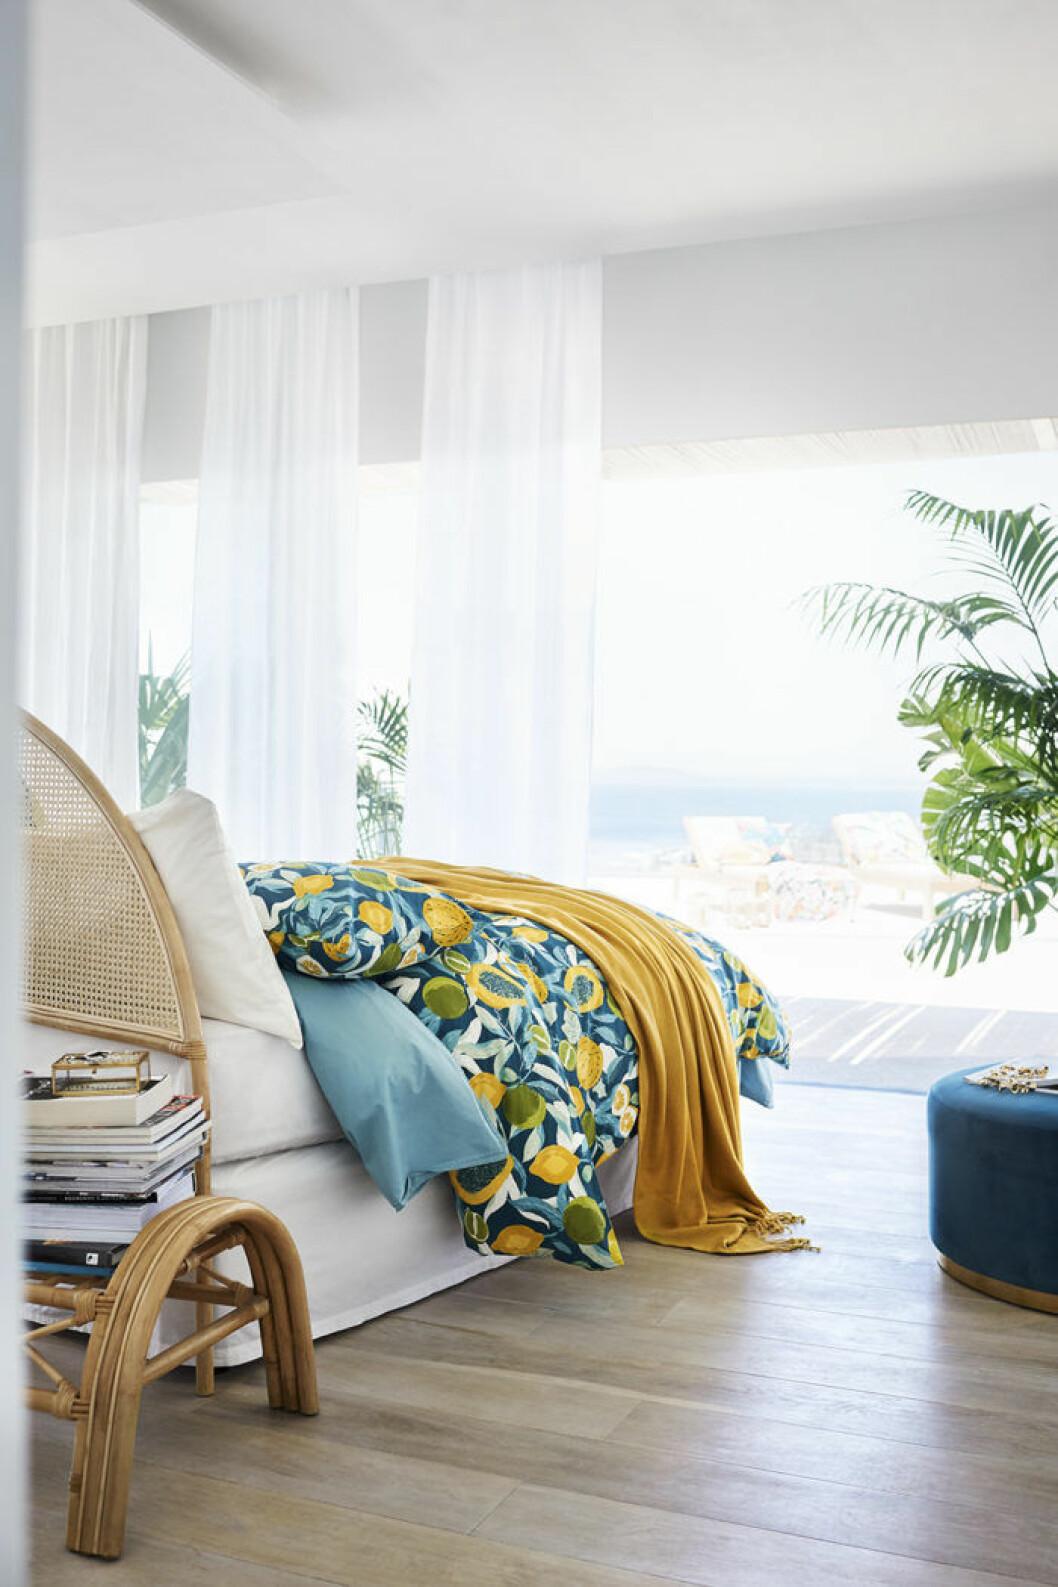 Öppet sovrum med medelhavstouch. H&M Home sommaren 2018.